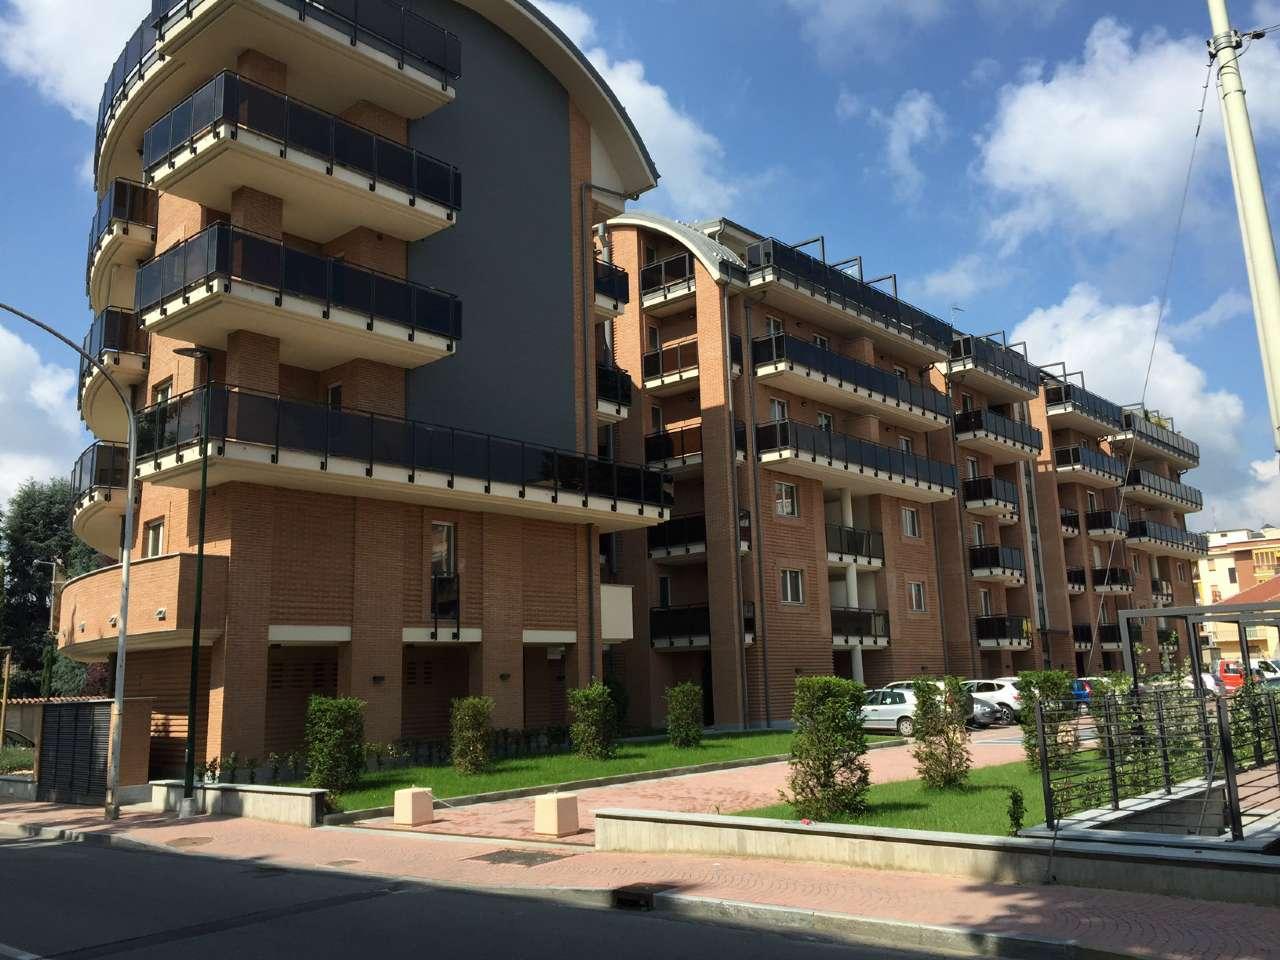 Appartamento in vendita a Chieri, 4 locali, prezzo € 225.000 | PortaleAgenzieImmobiliari.it